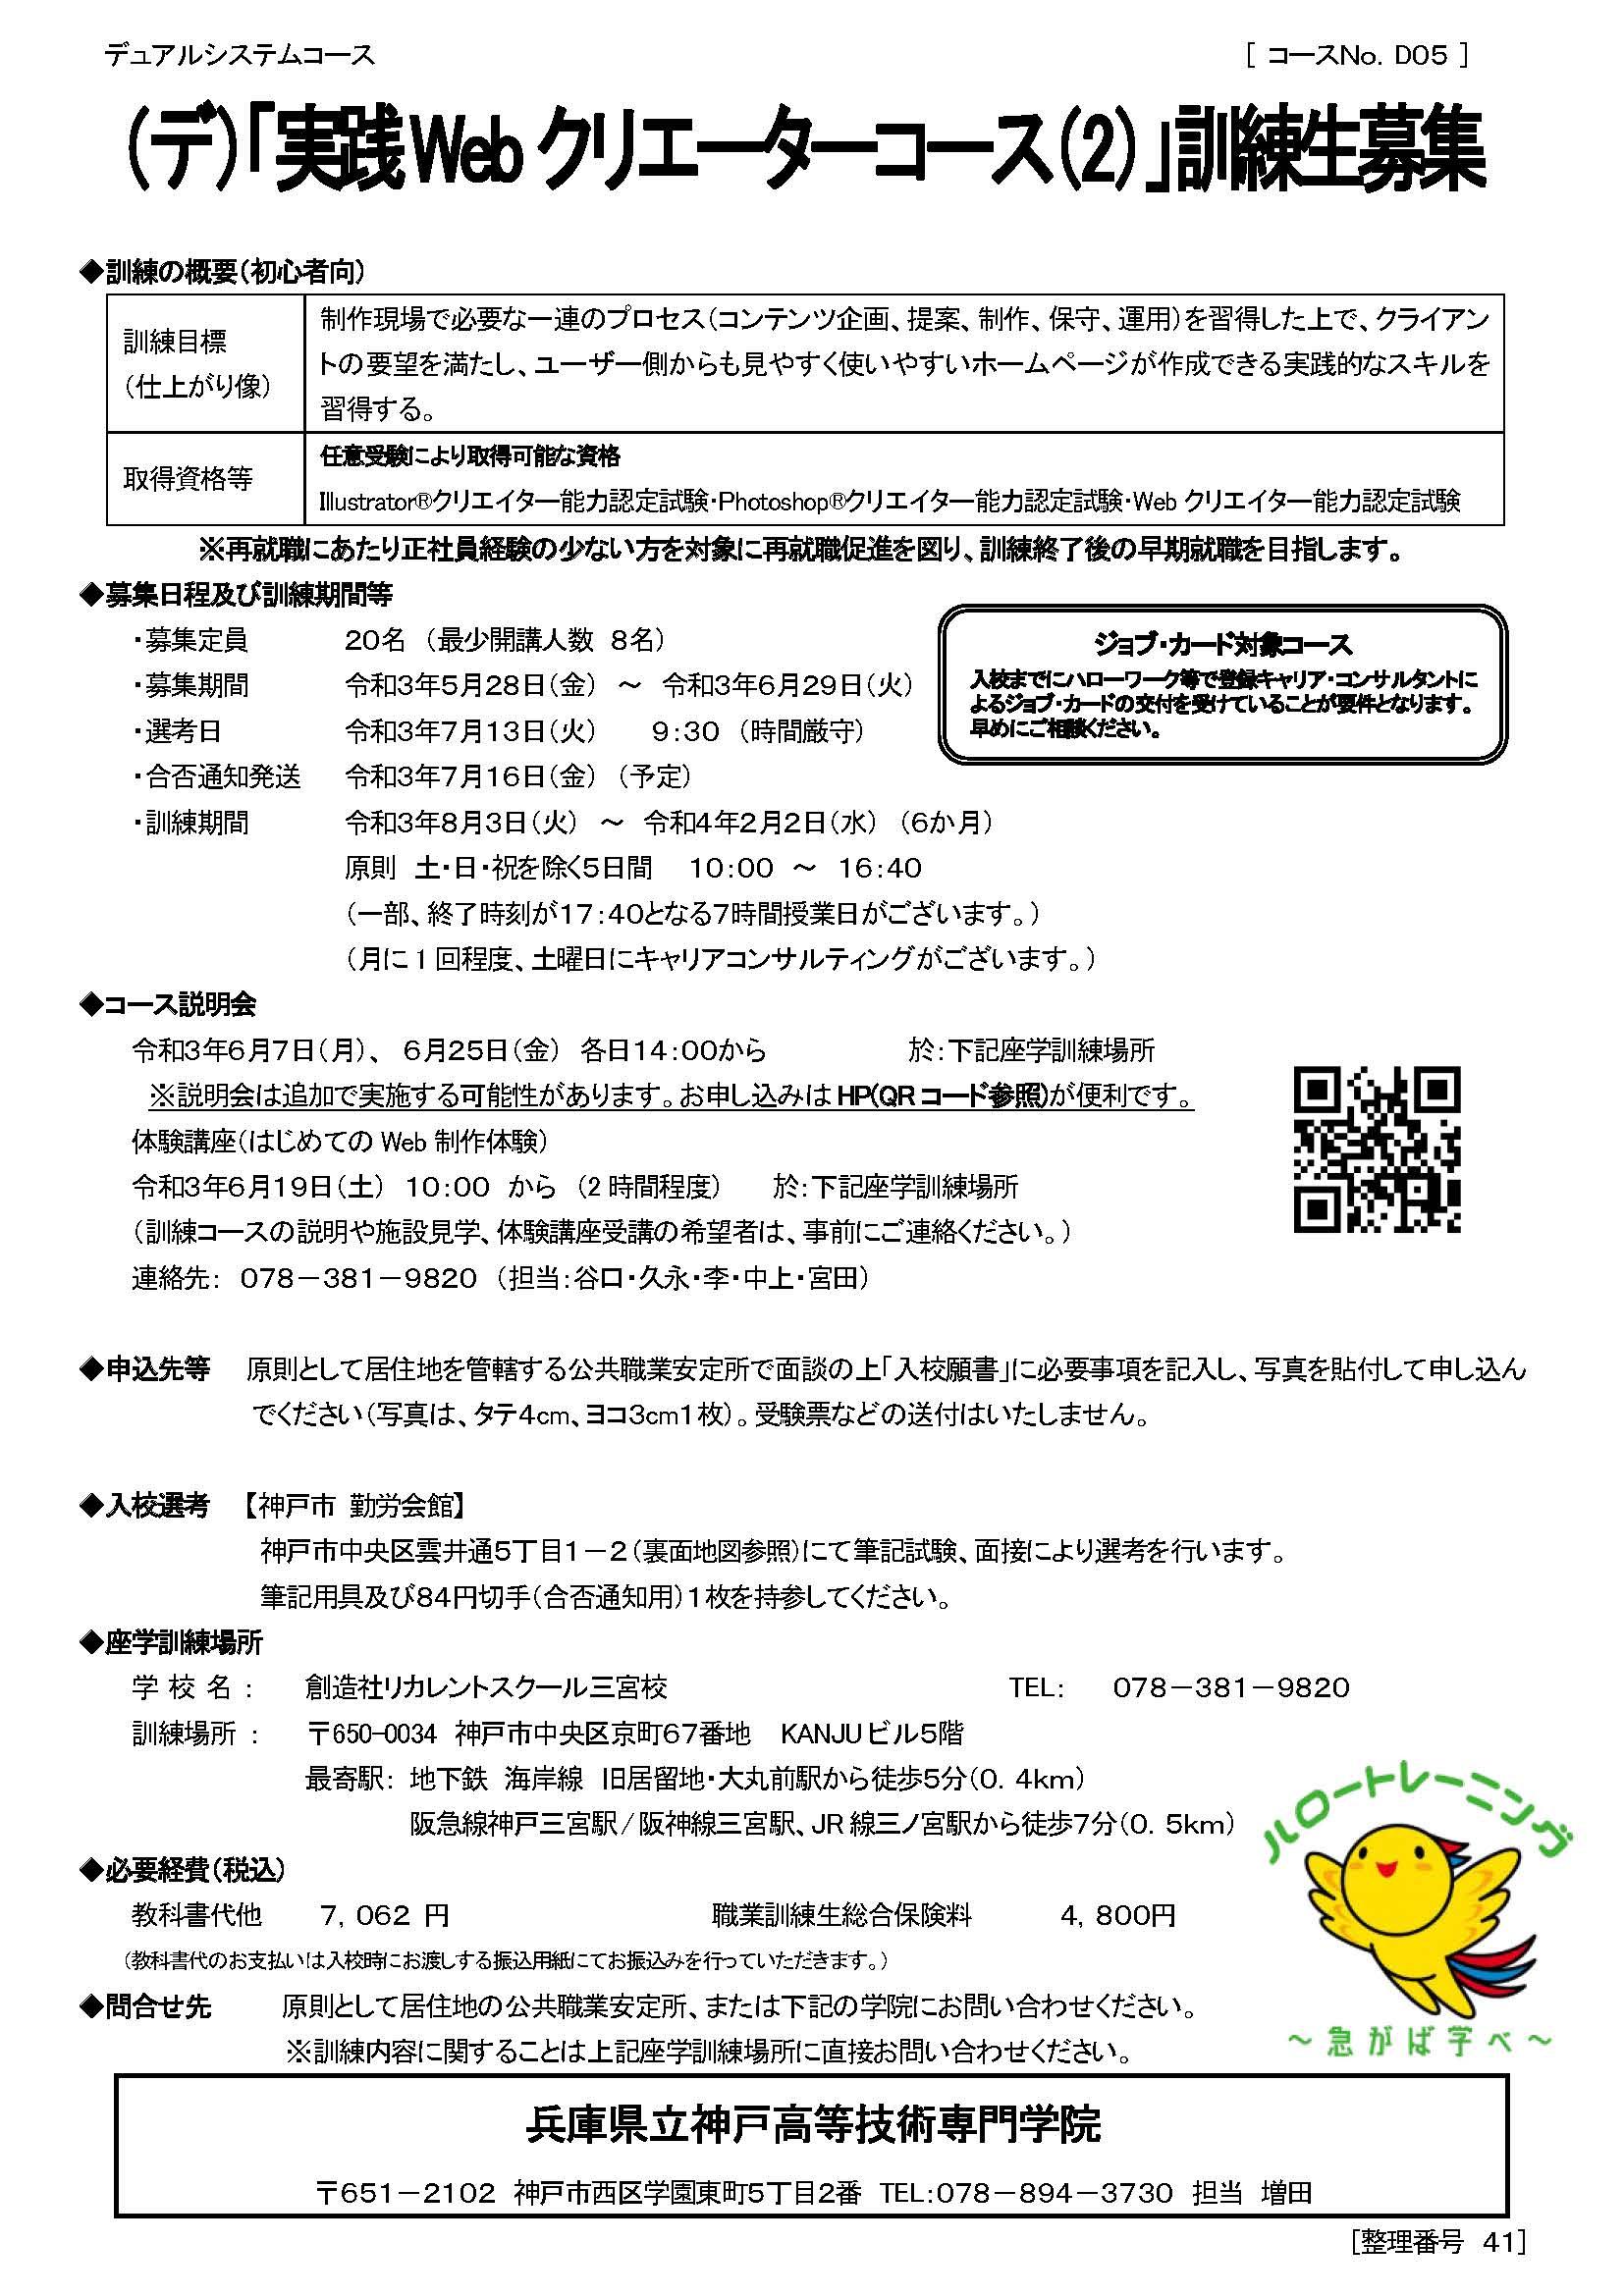 学校法人創造社学園創造社リカレントスクール 実践Webクリエーターコース(2)